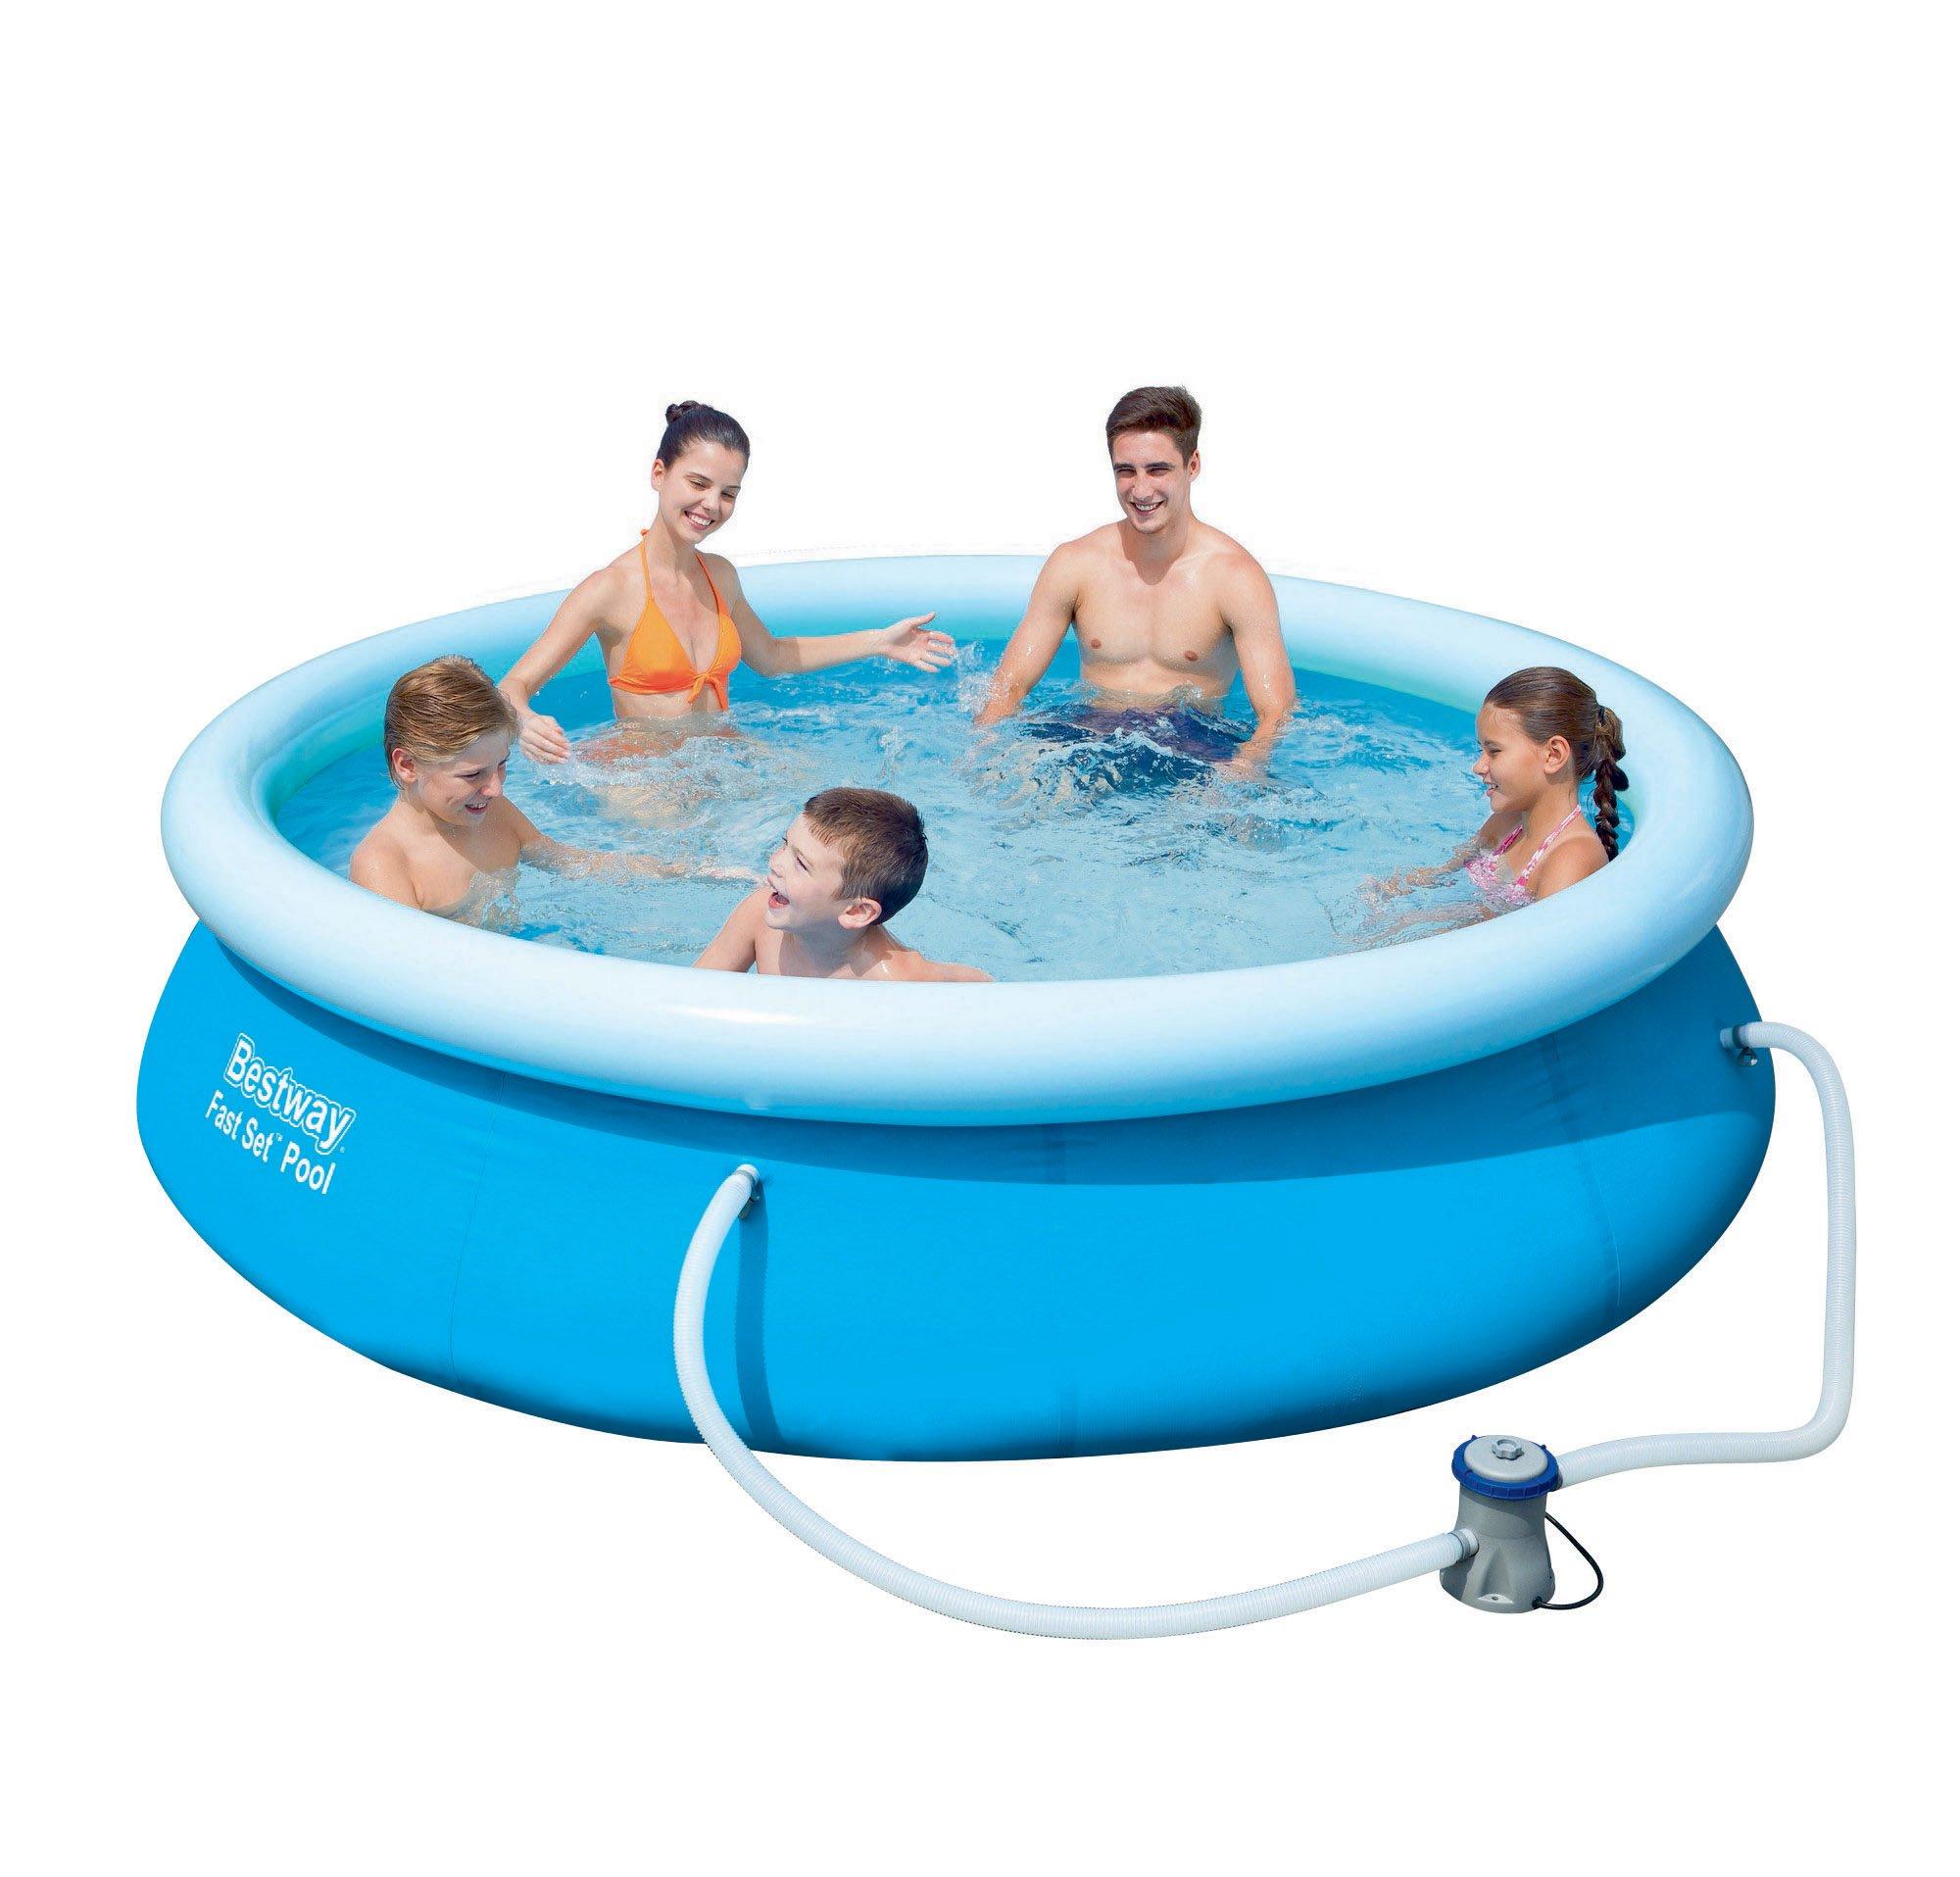 Bestway 57270 Zahradní bazén s nafukovacím límcem 305x76 cm 4v1